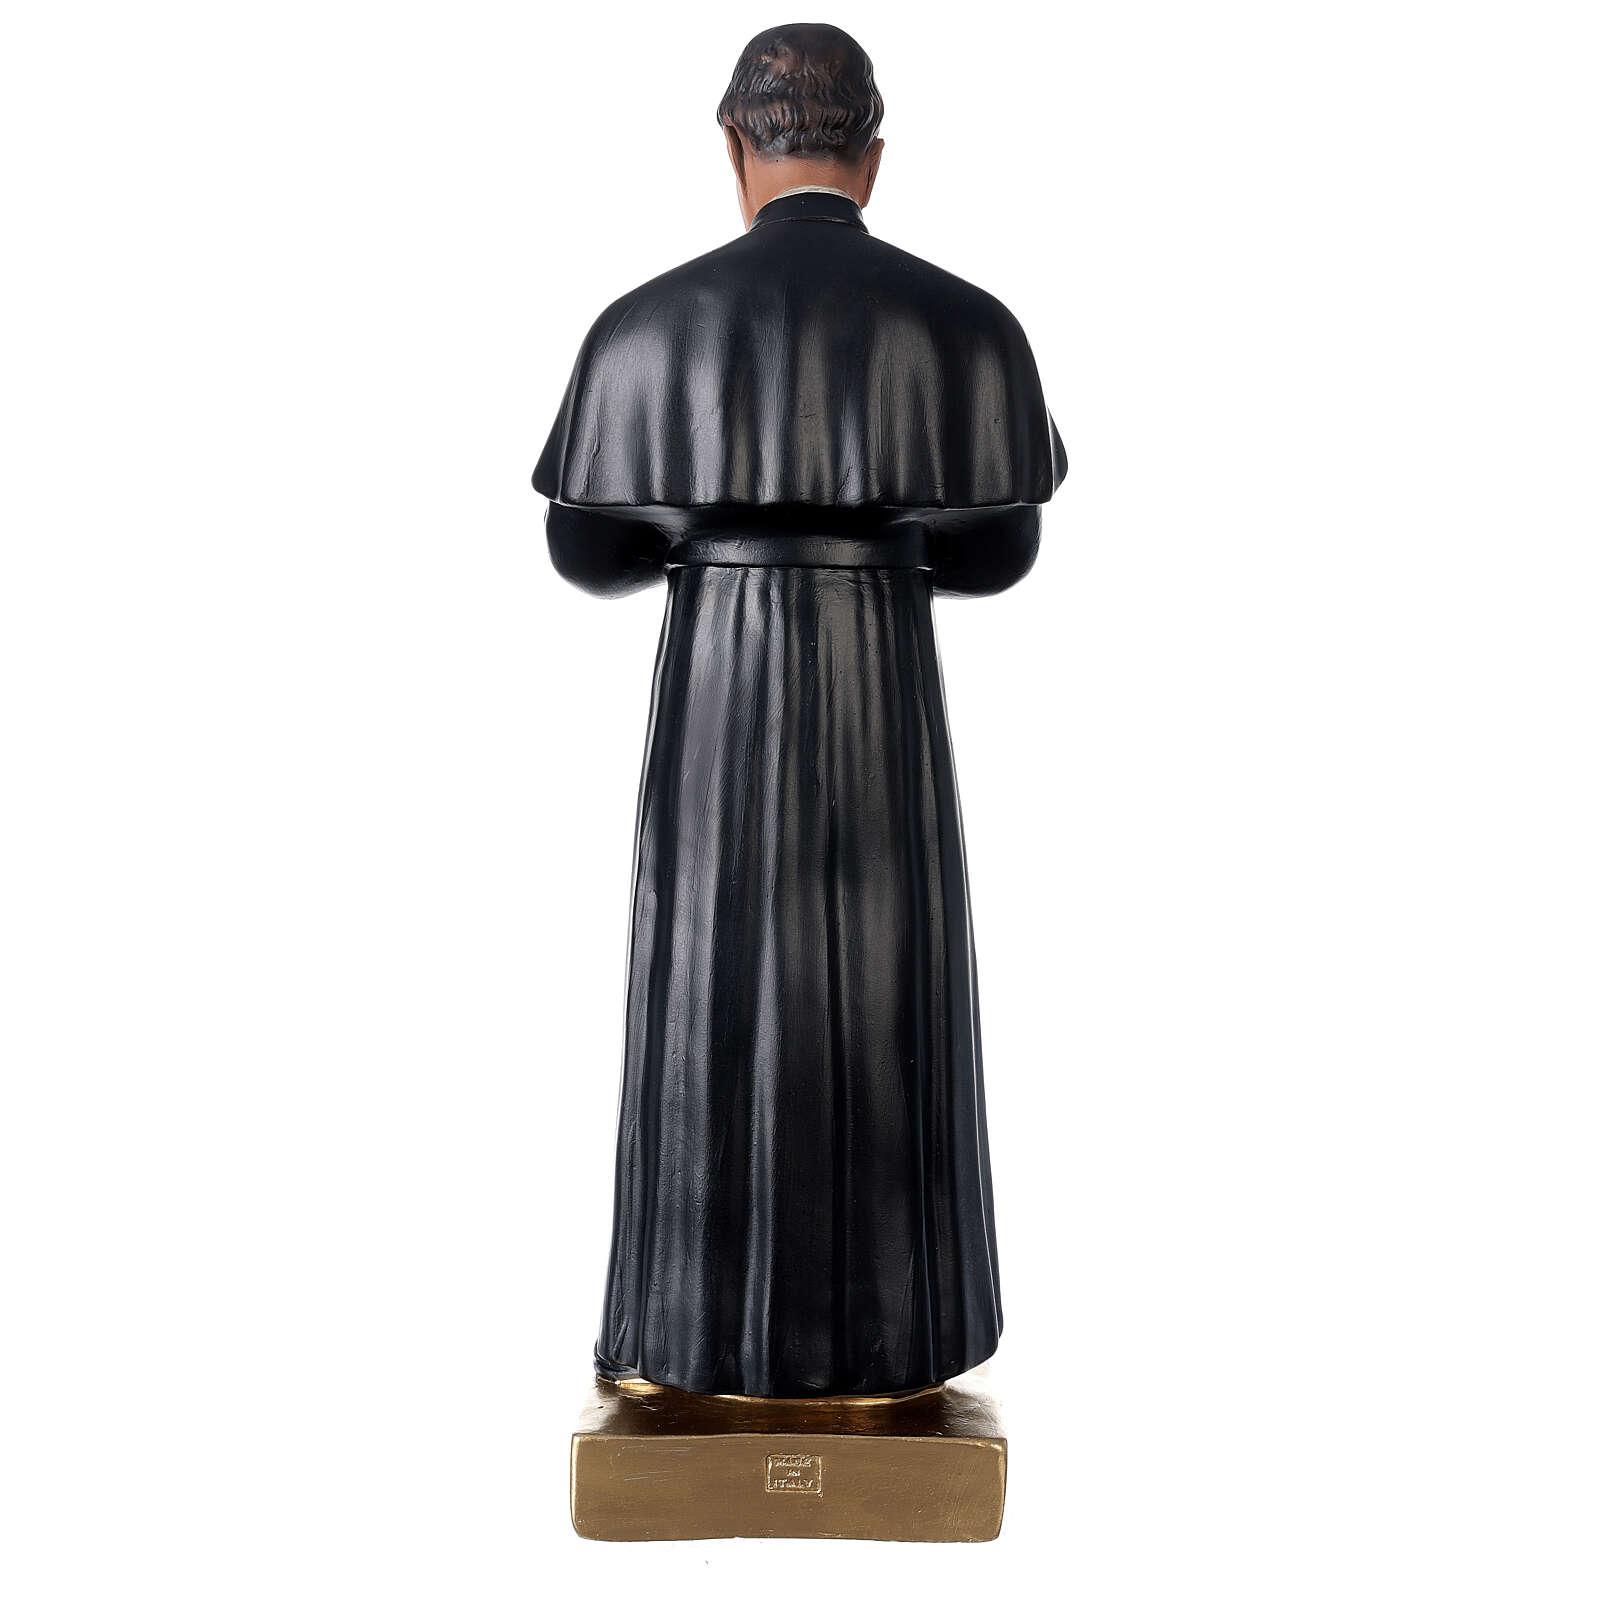 St. John Bosco hand painted plaster statue Arte Barsanti 60 cm 4